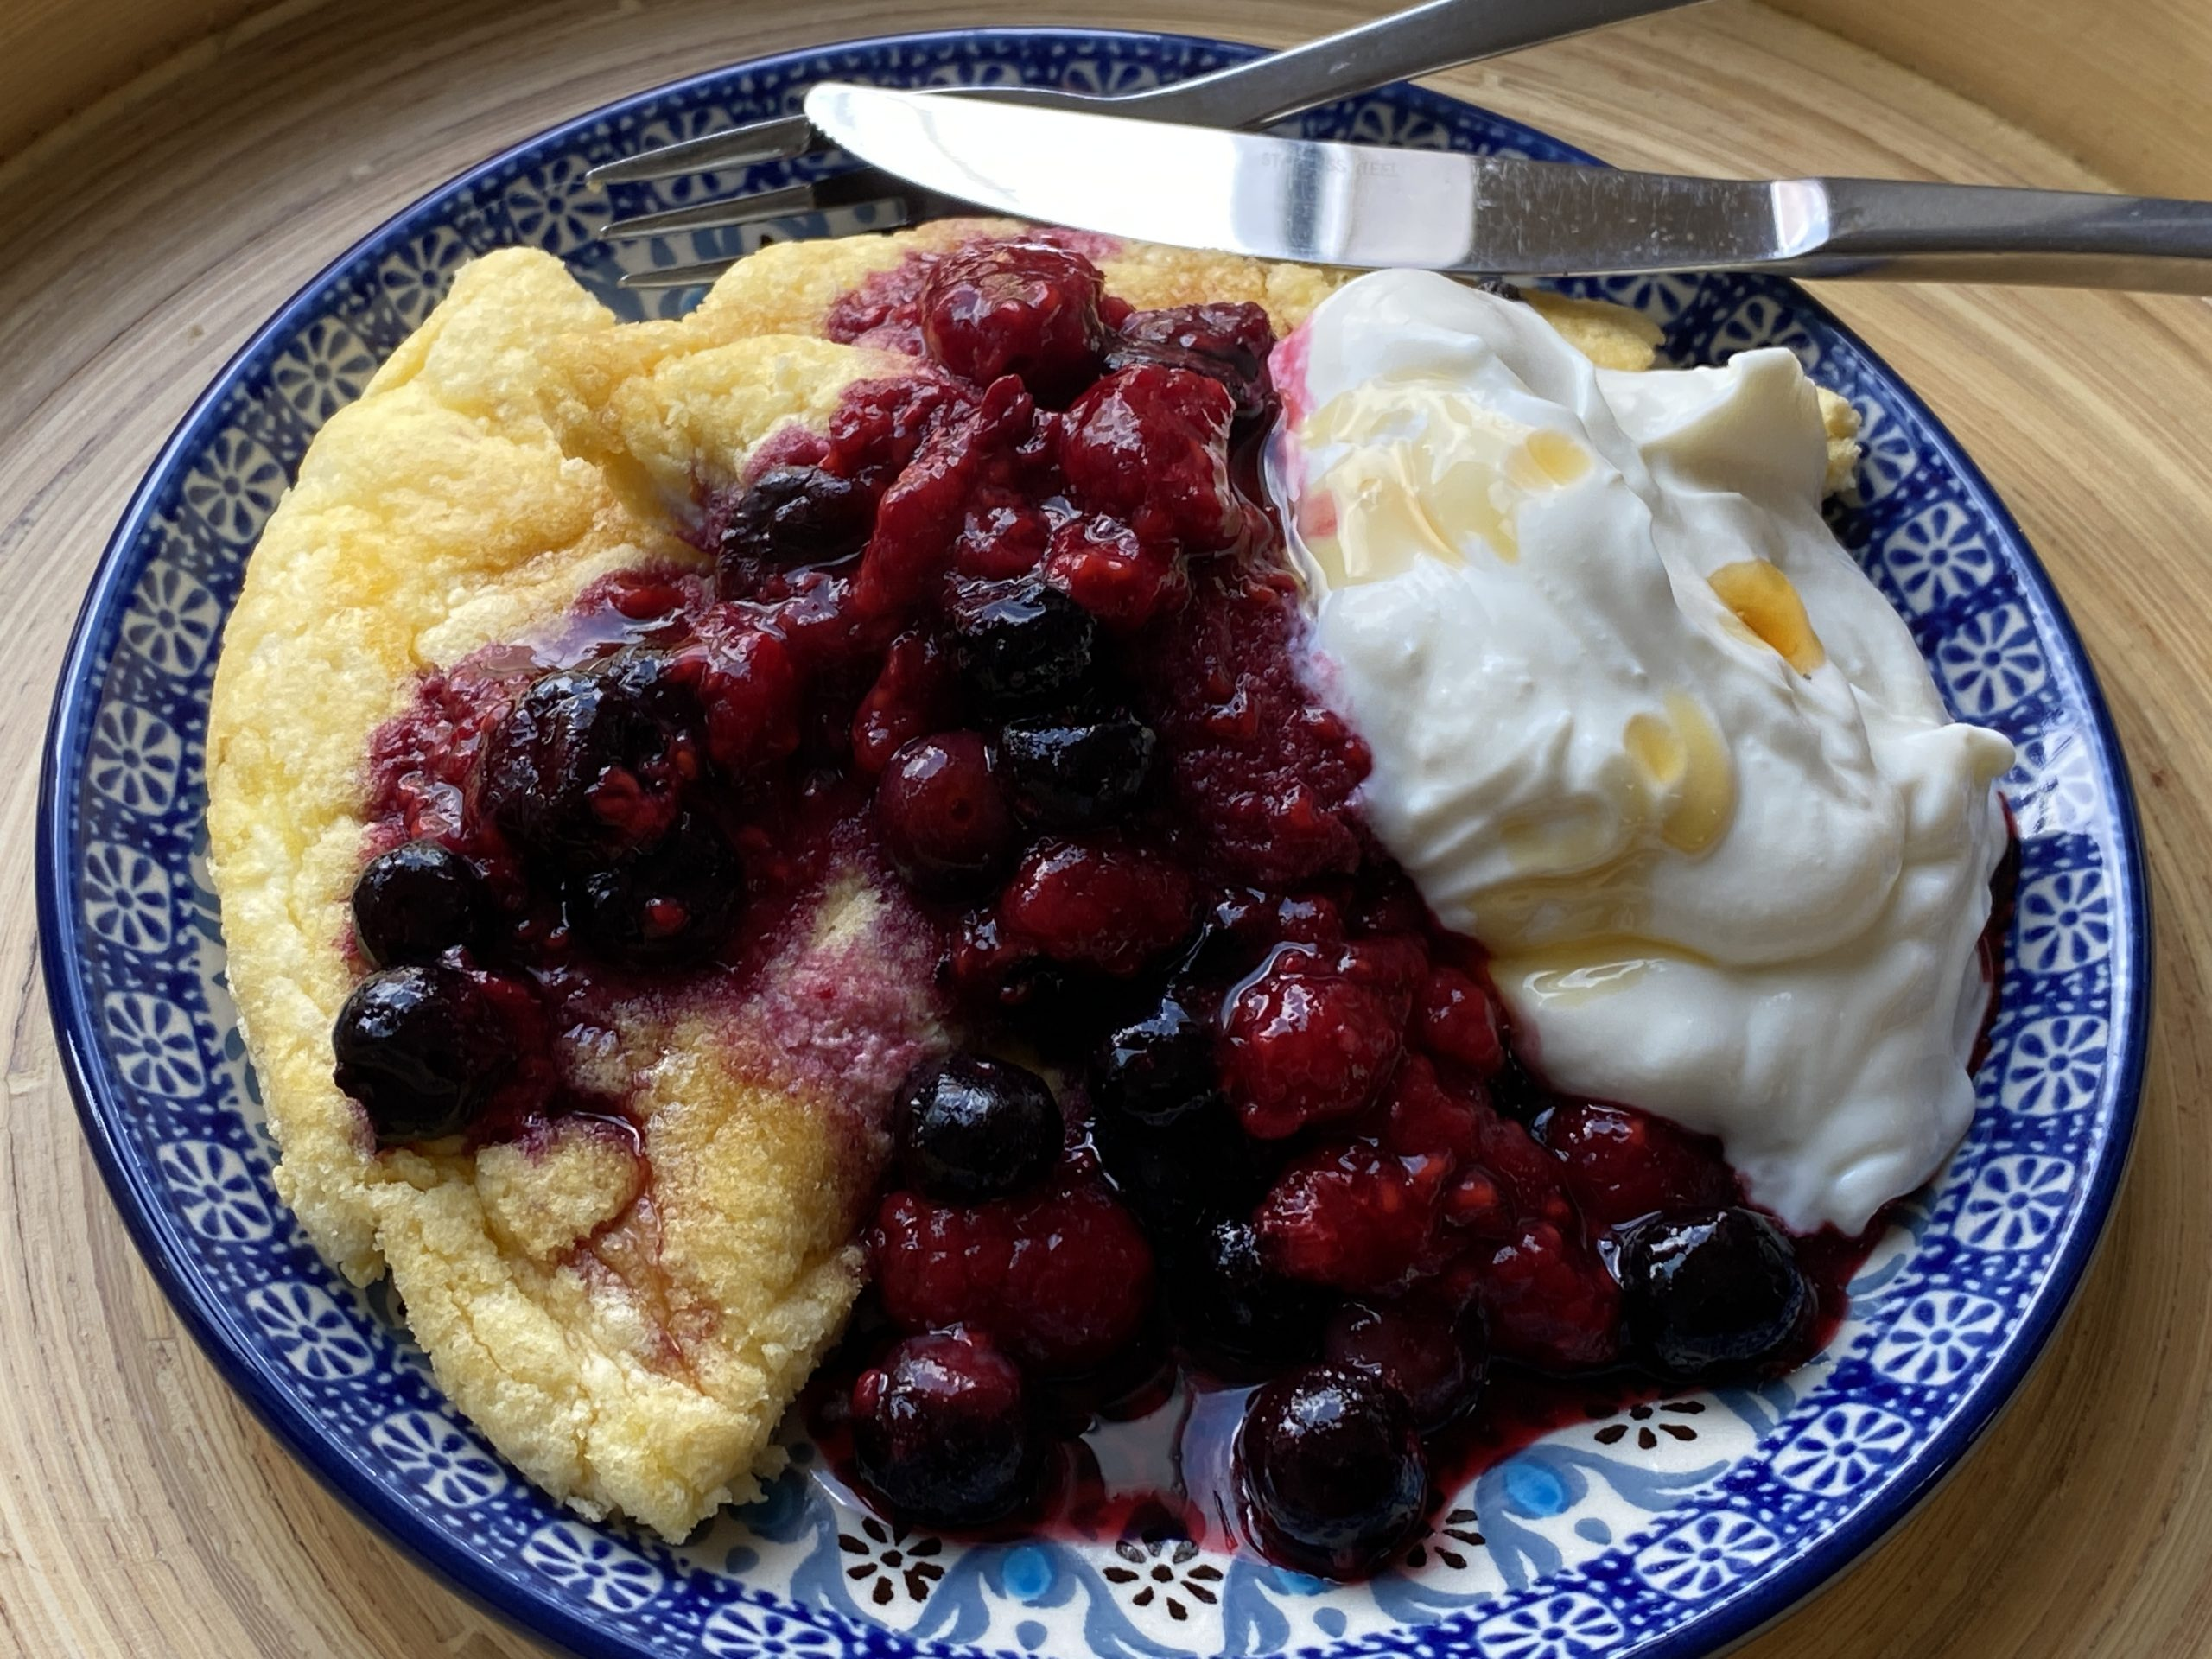 Poolse omelet